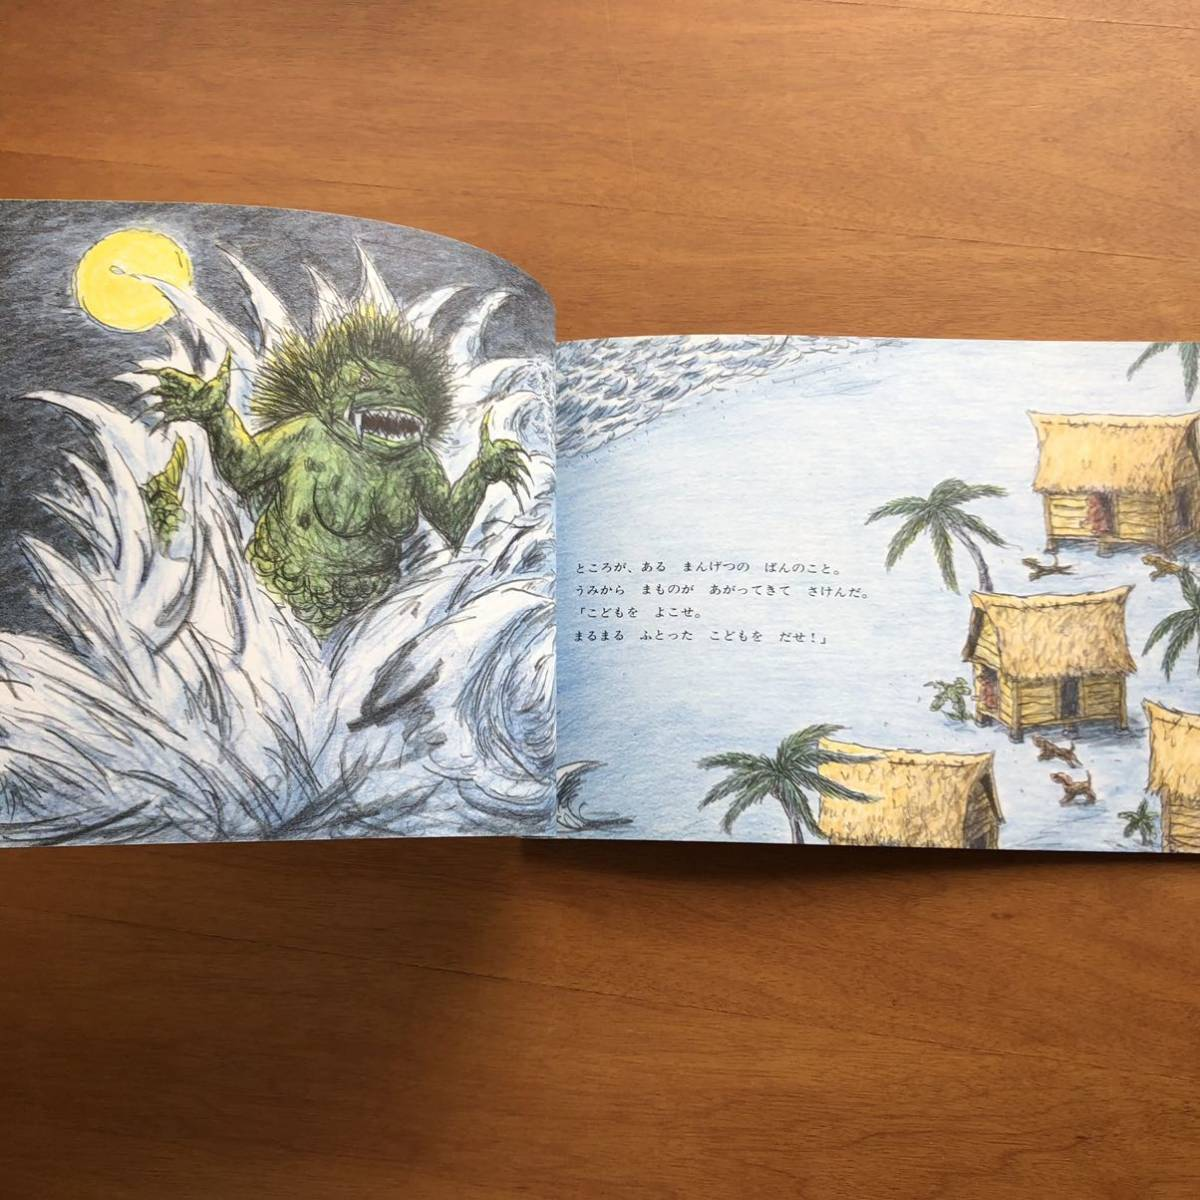 こどものとも みなみのしまのウッチャチャ おおともやすお 大友康夫 2002年 初版 絶版 古い おなら 絵本